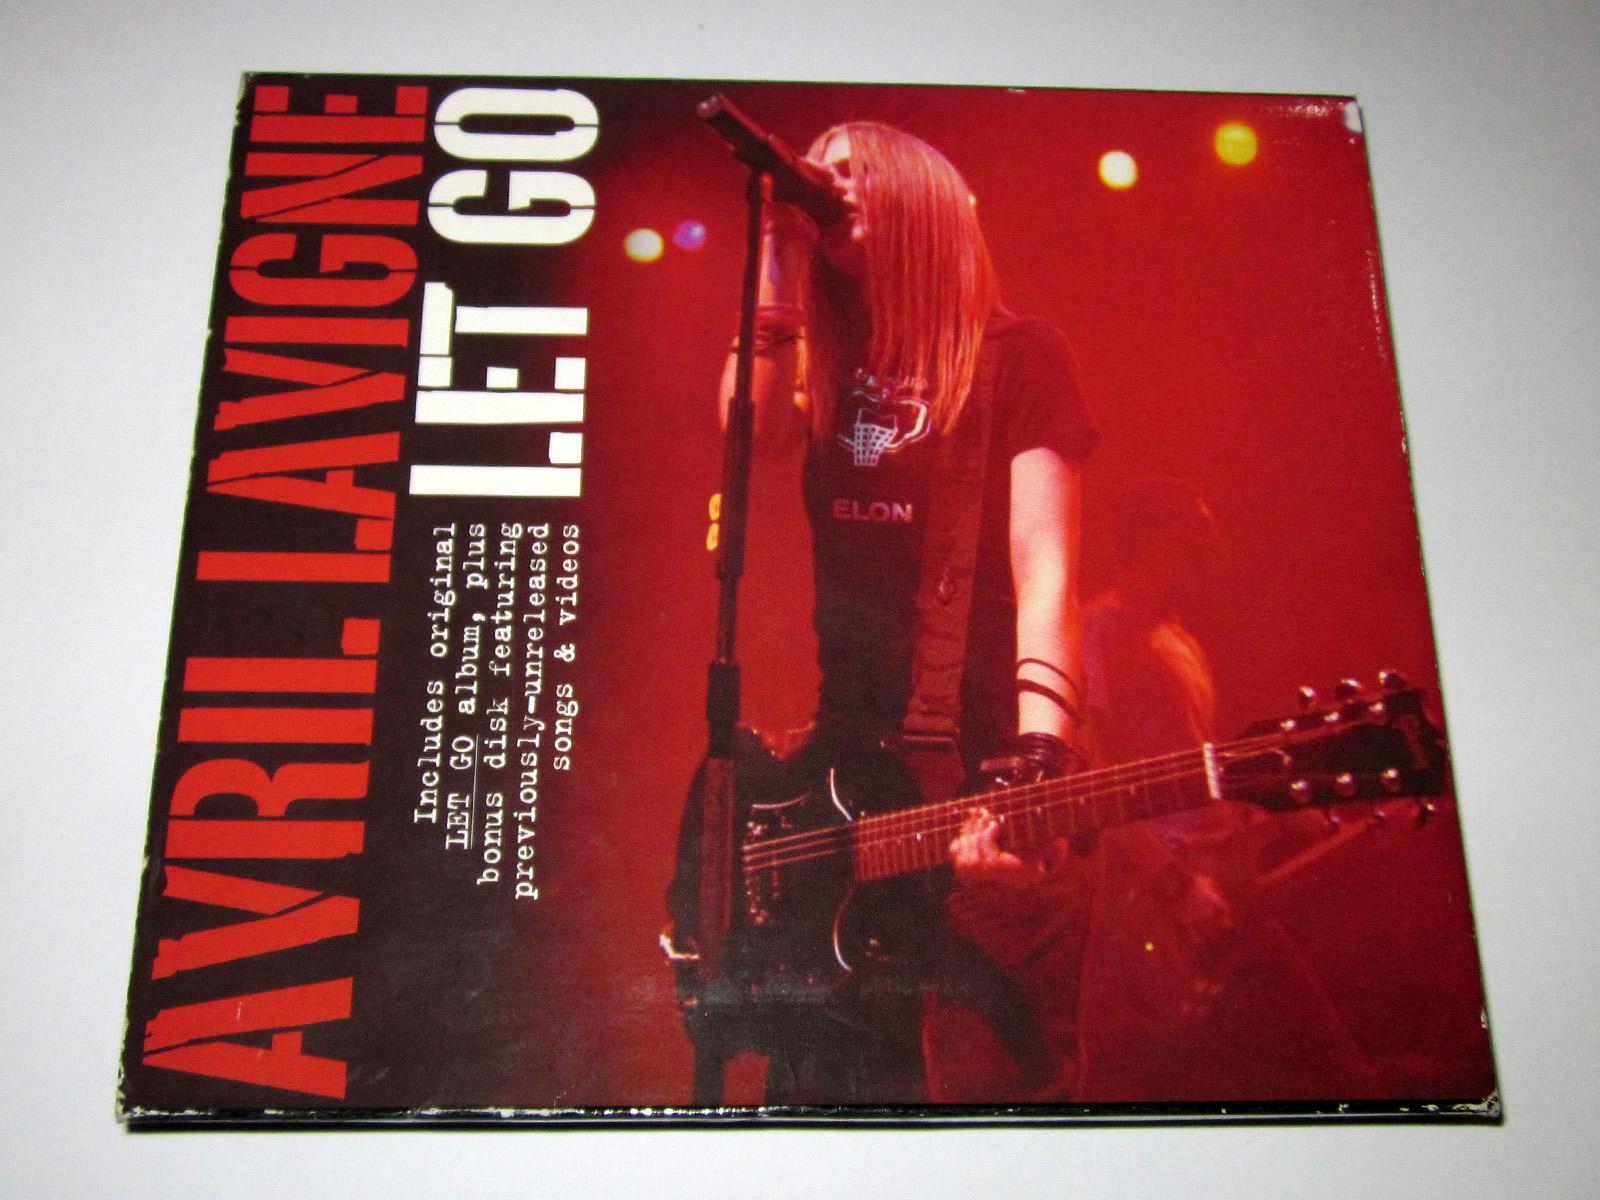 http://1.bp.blogspot.com/-p6gbJGsOcG8/UFtJvTQSSFI/AAAAAAAAC8o/Od0WaOBjiCU/s1600/let+go+tour+edition+1.jpg